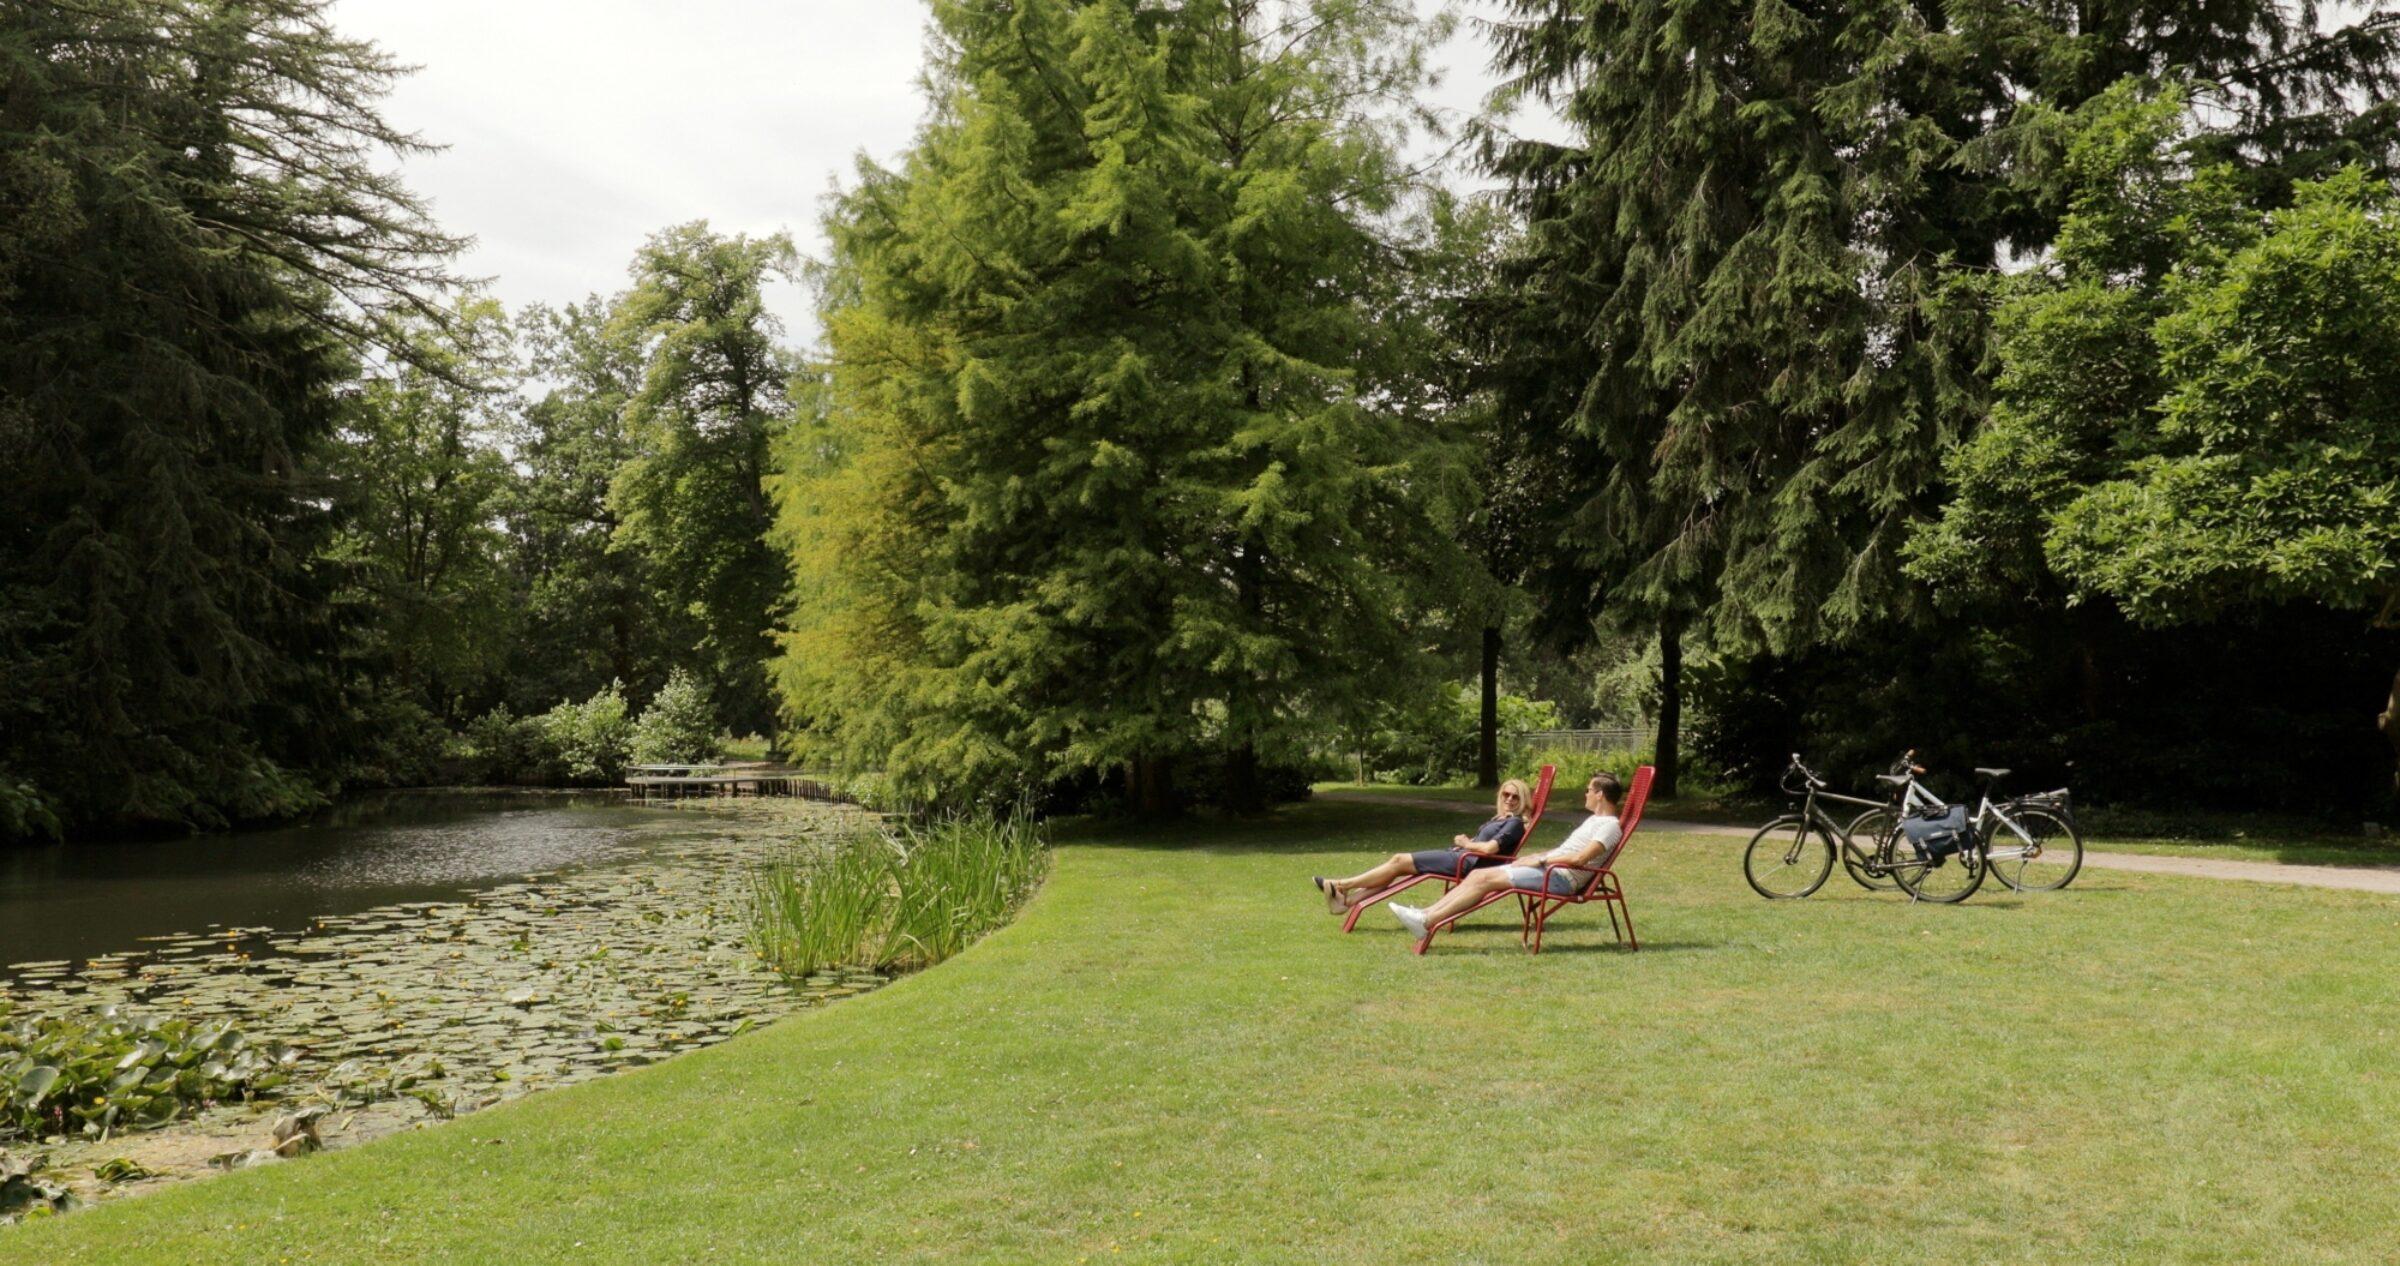 Sabineferrel Abraham Ledeboerpark Enschede